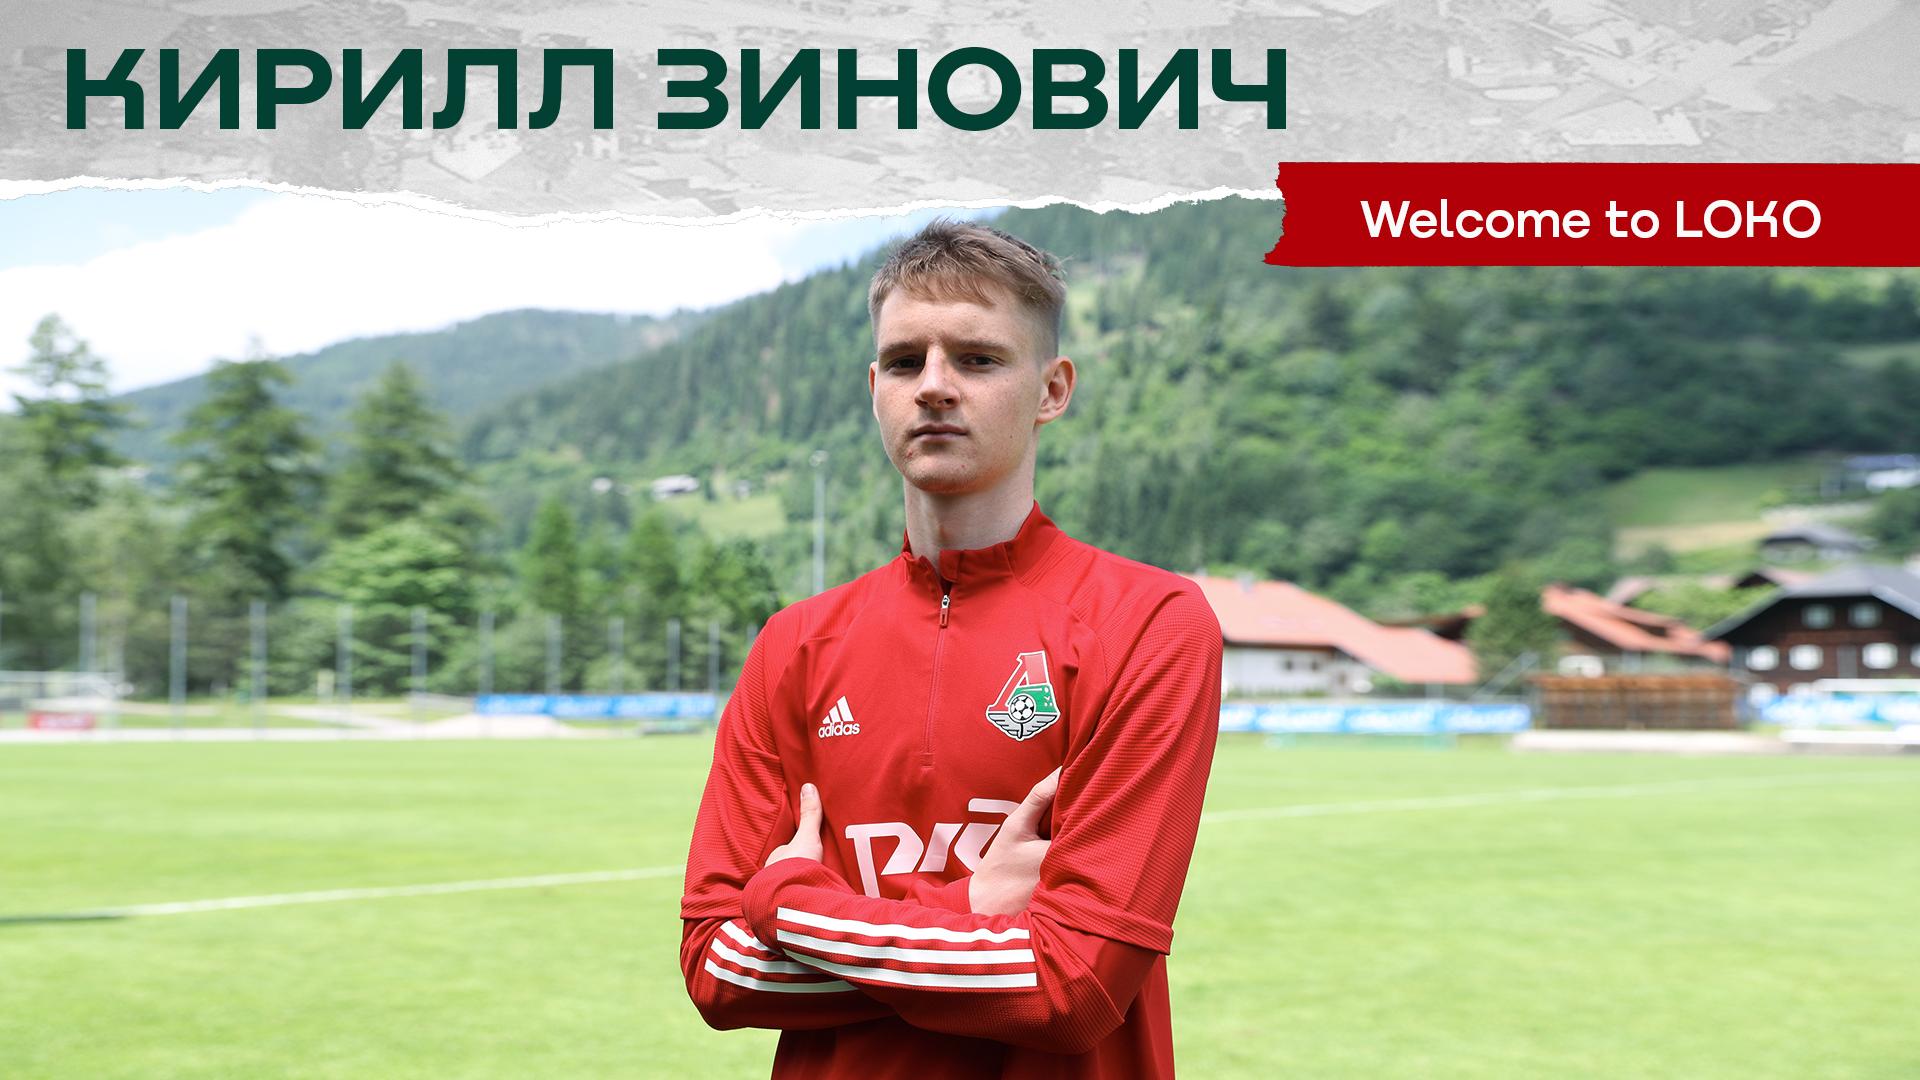 WELCOME TO LOKO // Кирилл Зинович